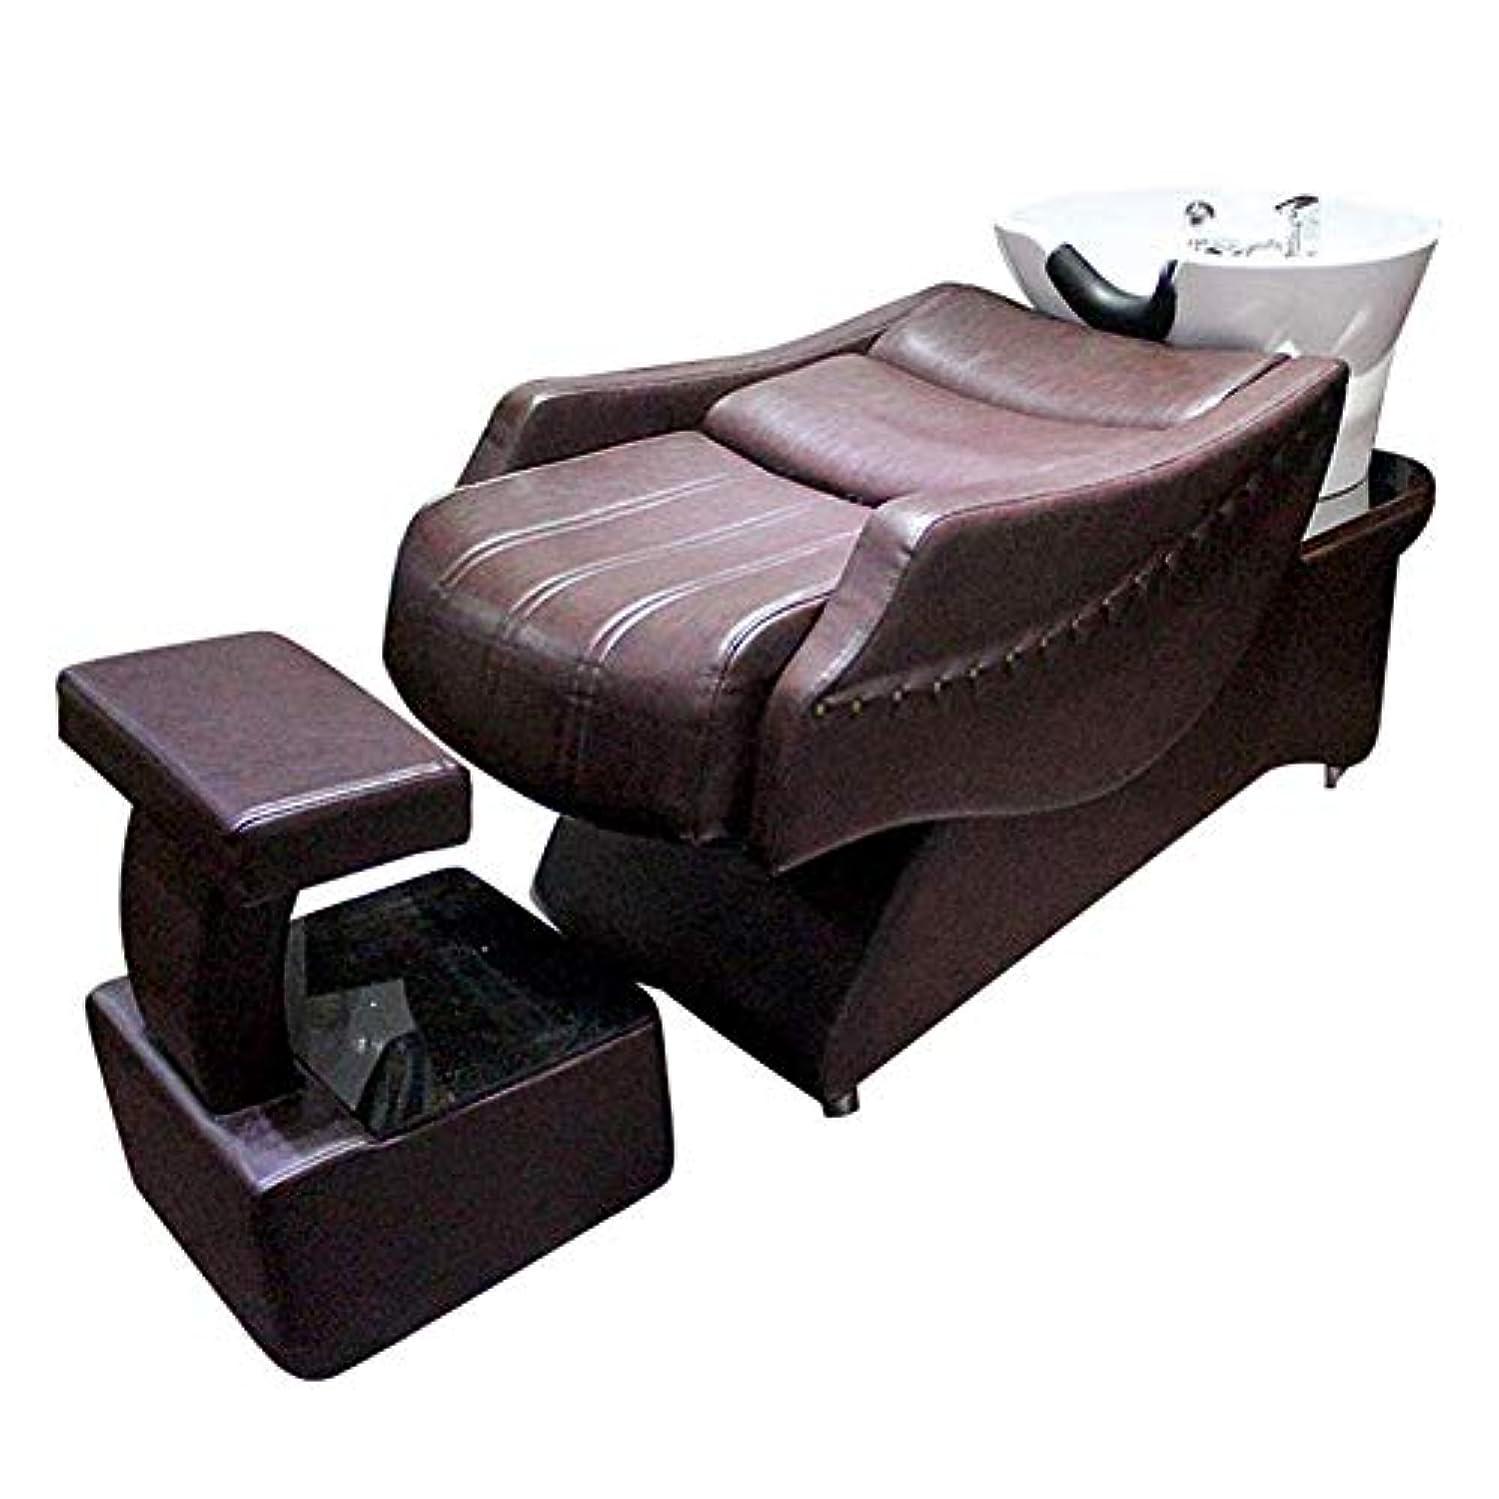 調整に沿って小川シャンプーチェア、 高級な半横たわるシャンプーベッド逆洗ユニットシャンプーボウル理髪シンク椅子用スパビューティーサロン機器